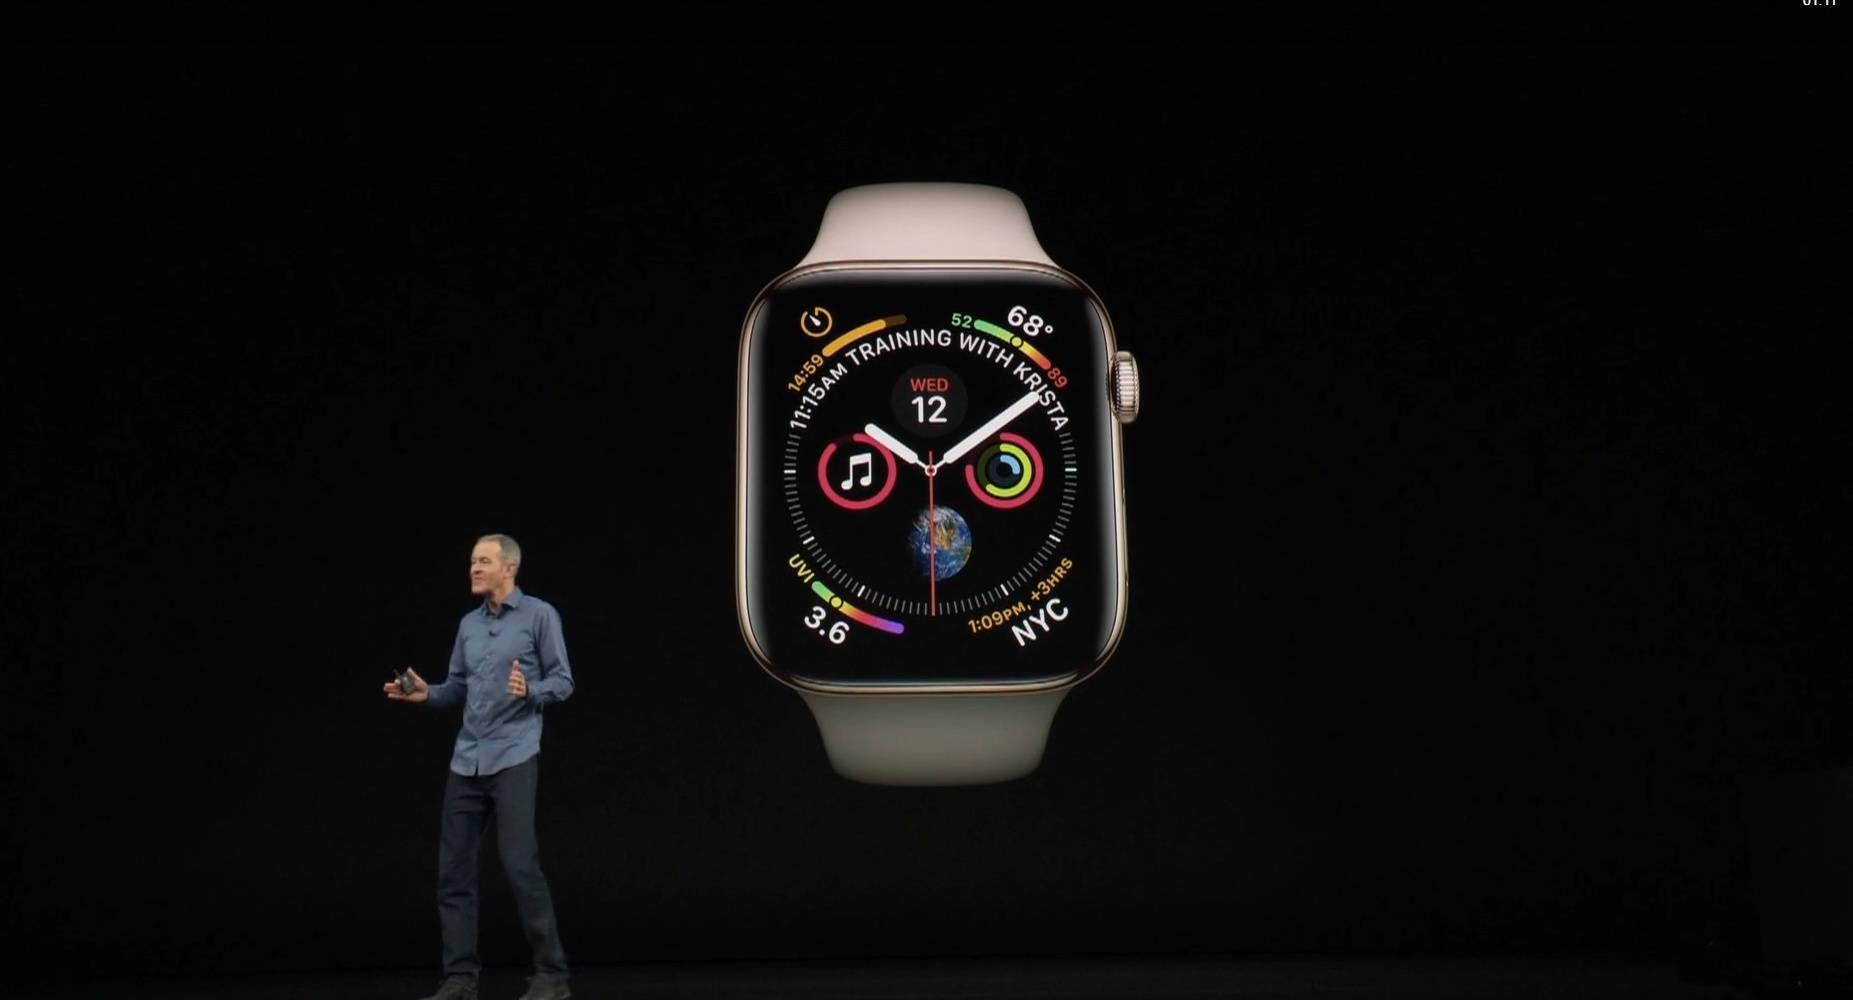 一文看懂2018苹果秋季新品发布会 新款iPhone Xs售价破万的照片 - 2